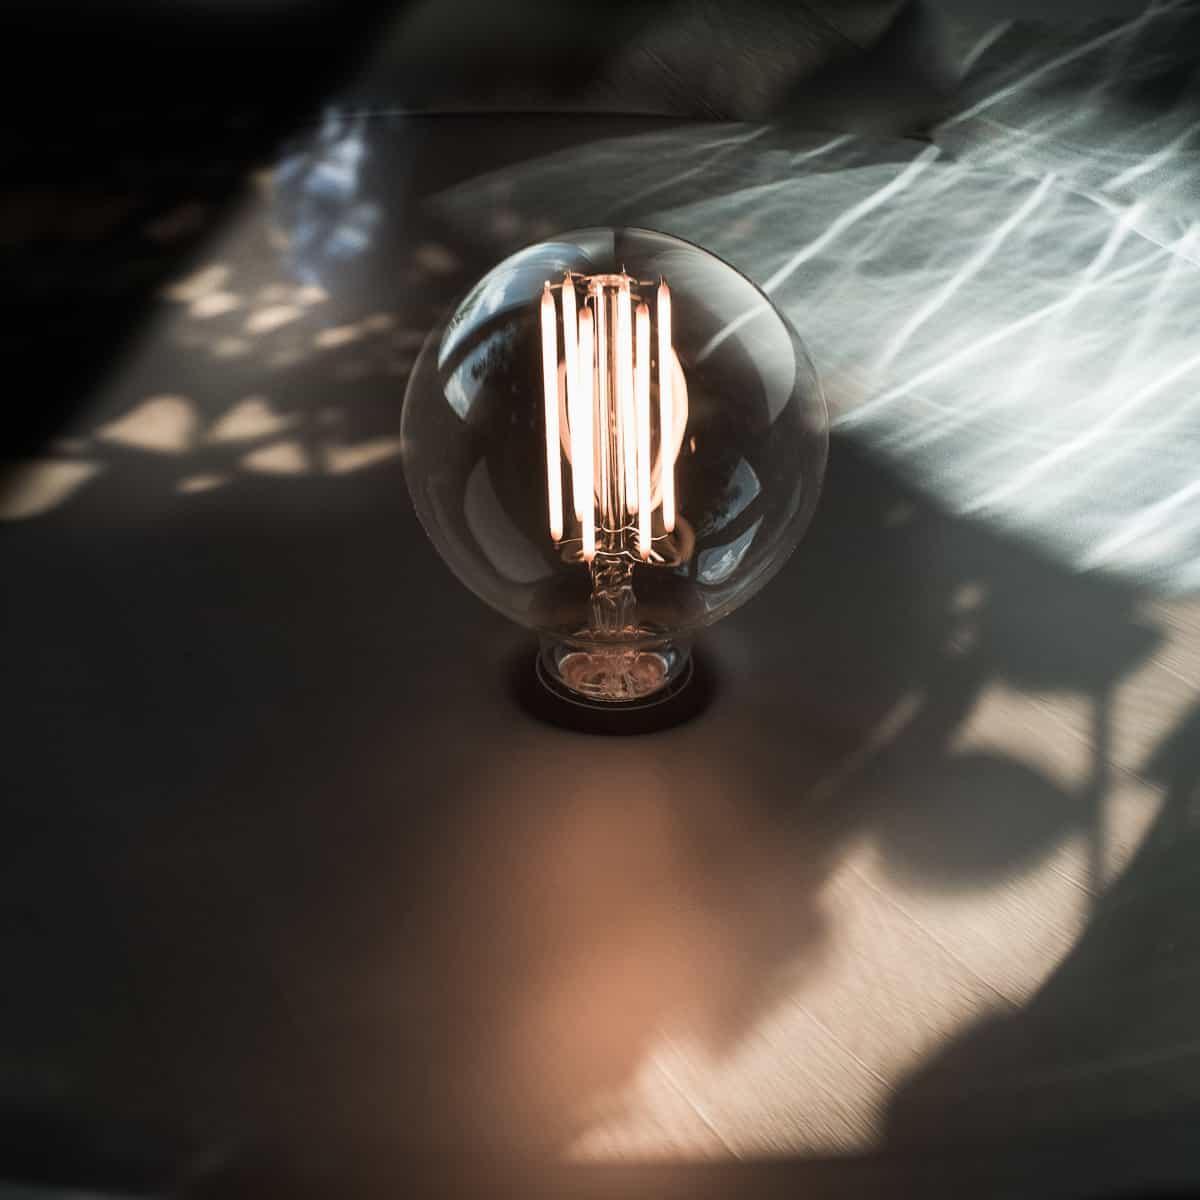 Détail lampe Brokis. Architecte d'intérieur, showroom Archidomo Interior à Annecy, Talloires, Megève, Courchevel